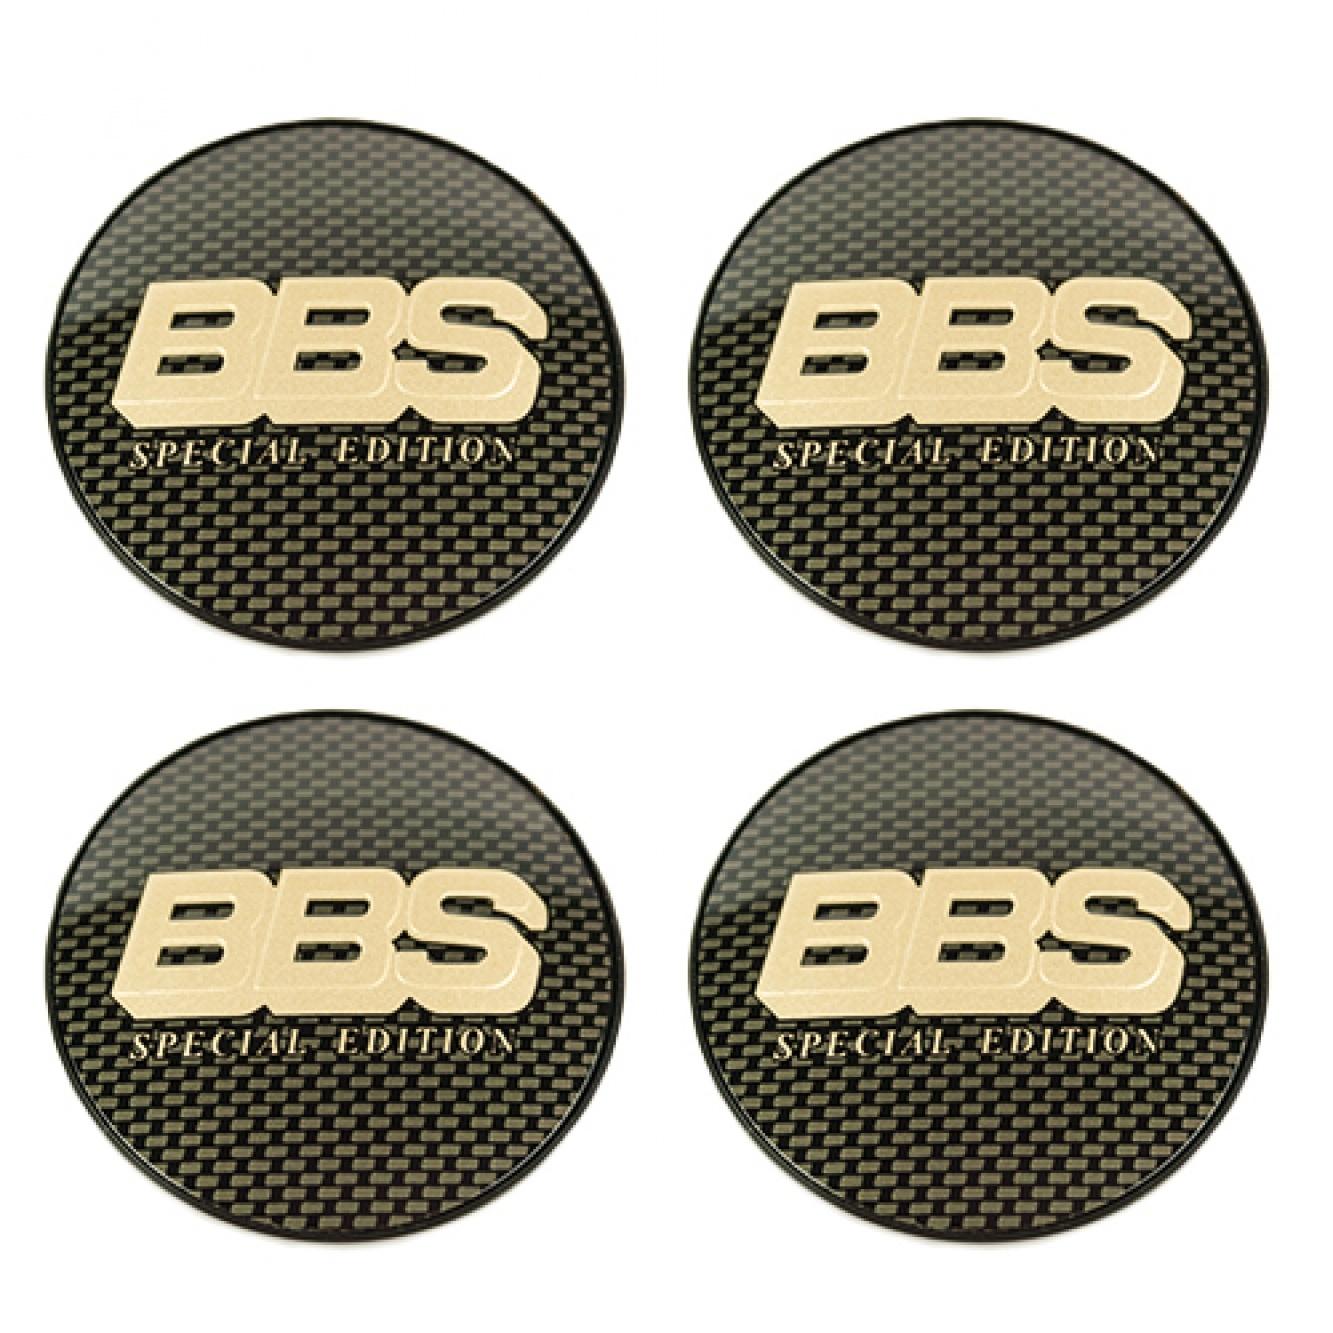 BBS Wheels Symbolscheiben 70,6mm für Zentralverschlußkit für BBS (CH-HR/II) Felgen